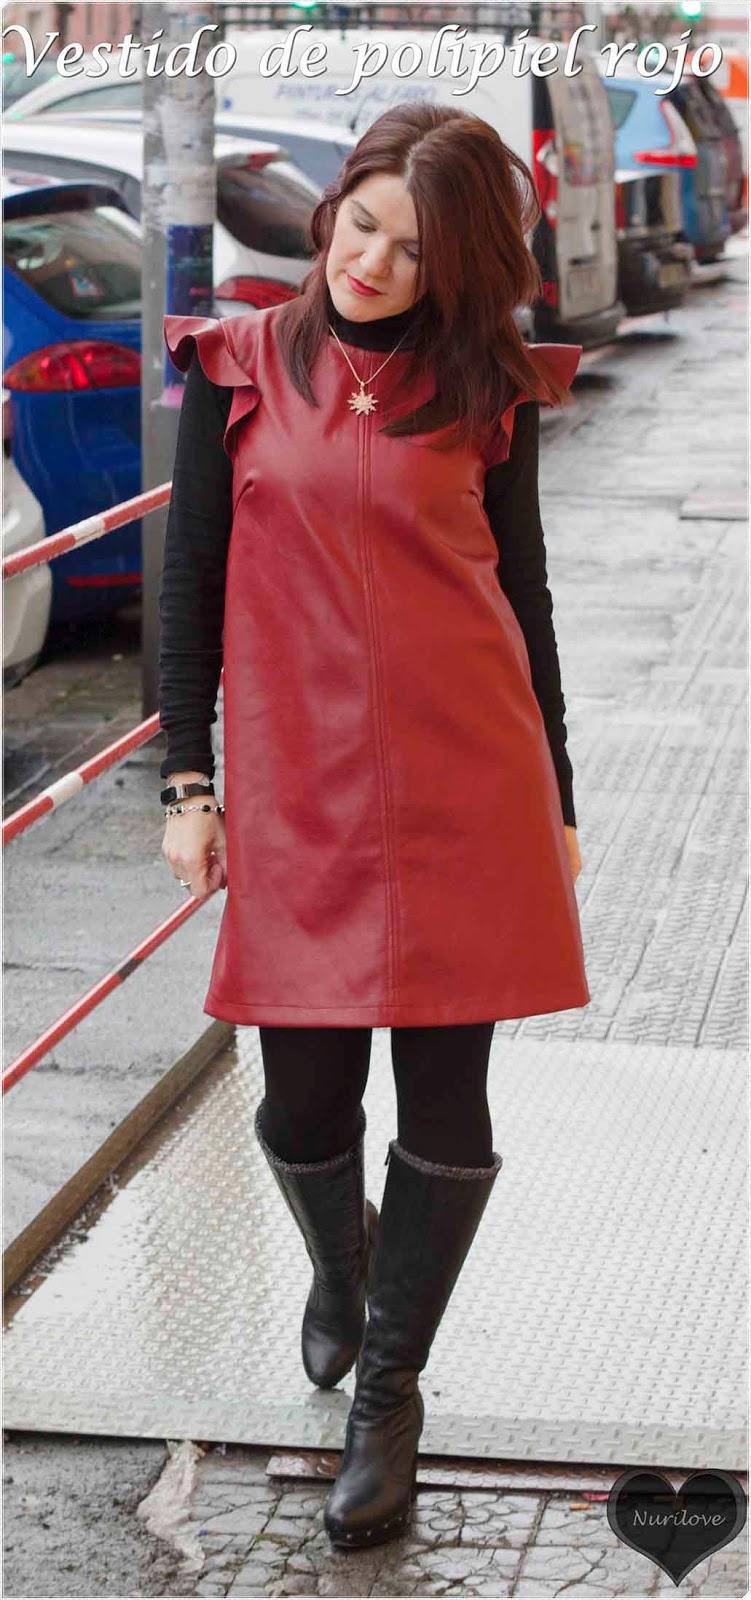 Vestido de polipiel rojo, atemporal y muy combinable